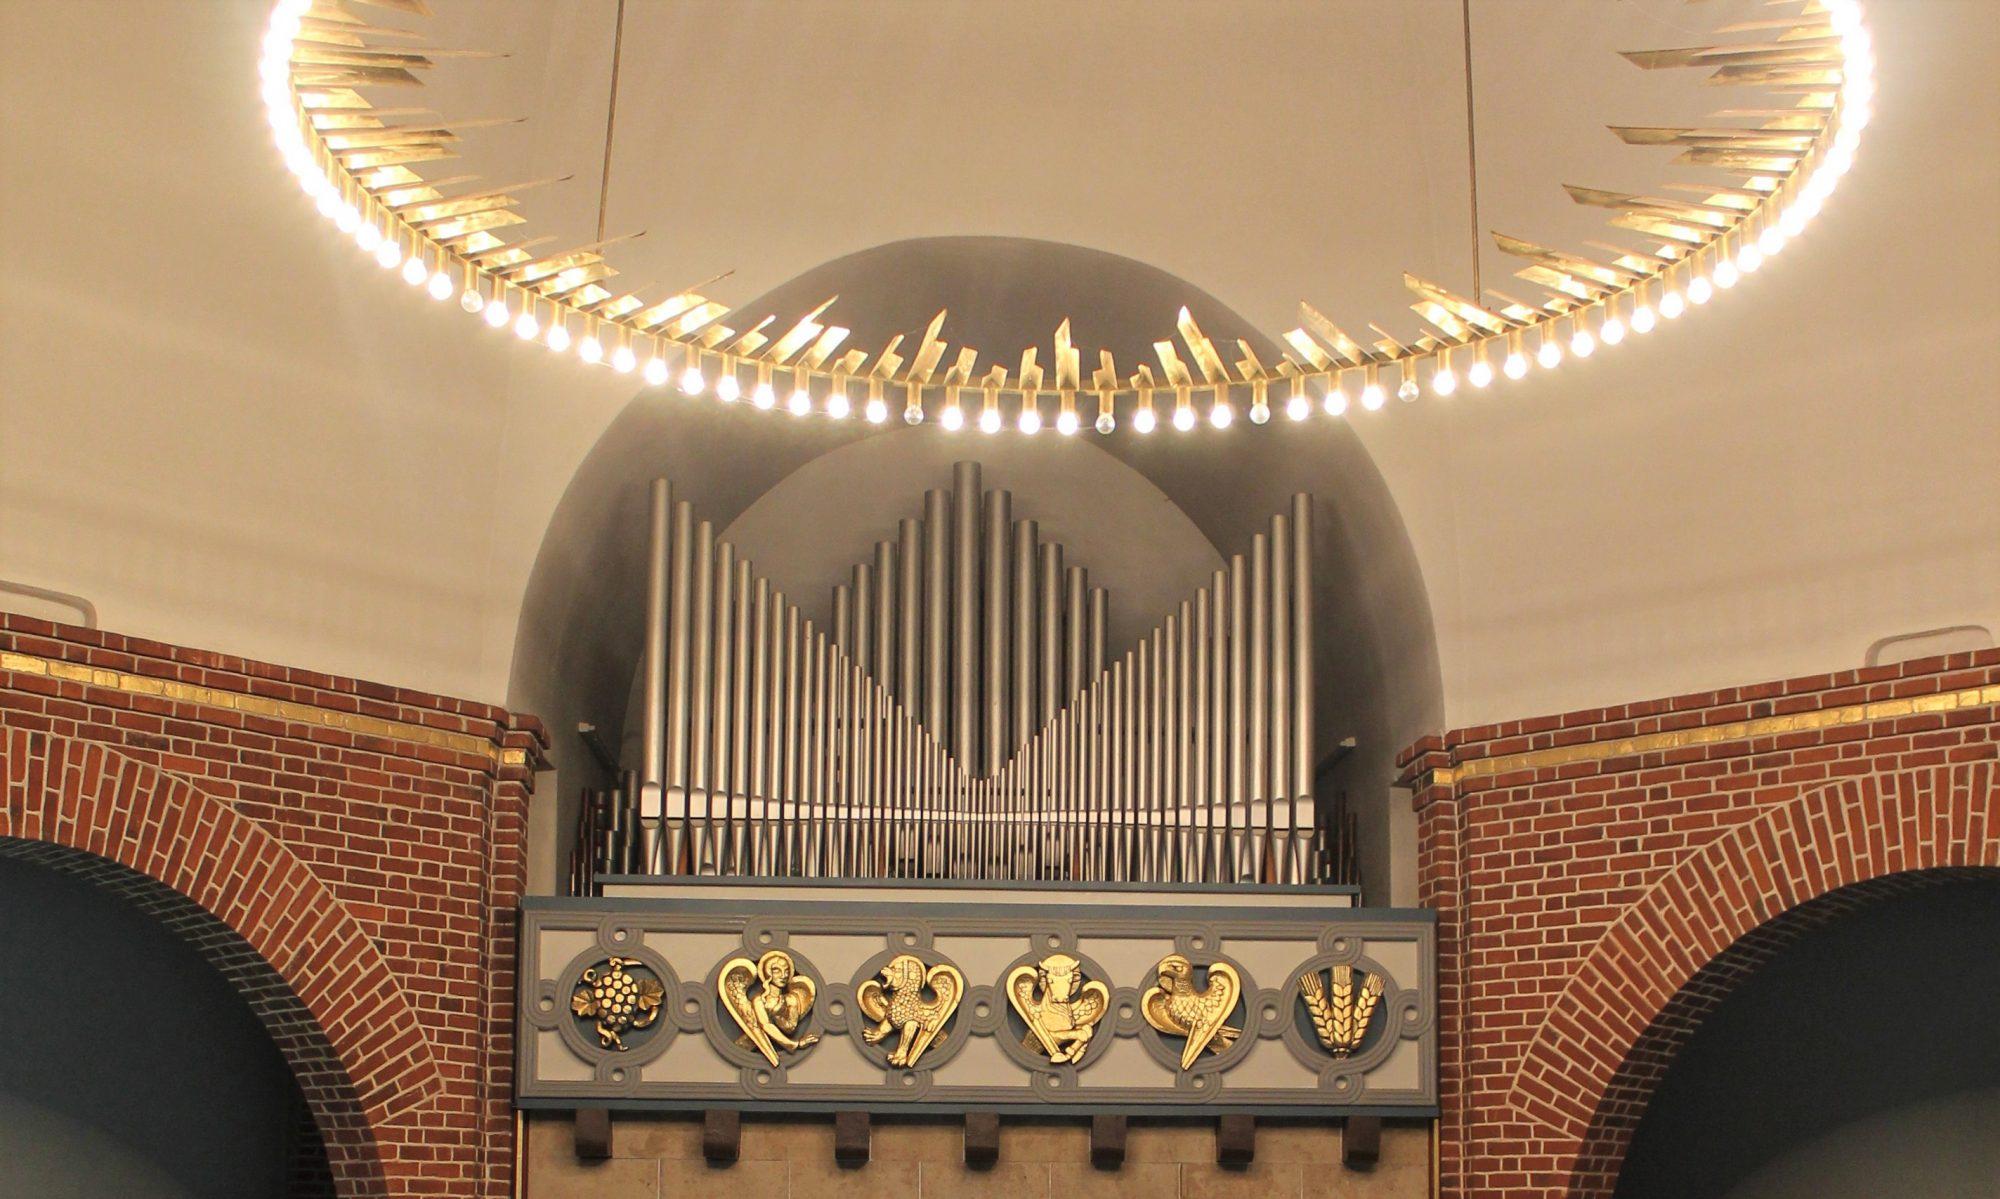 Ev.-Luth. Christus-Kirchengemeinde Hohenfelde-Hörnerkirchen